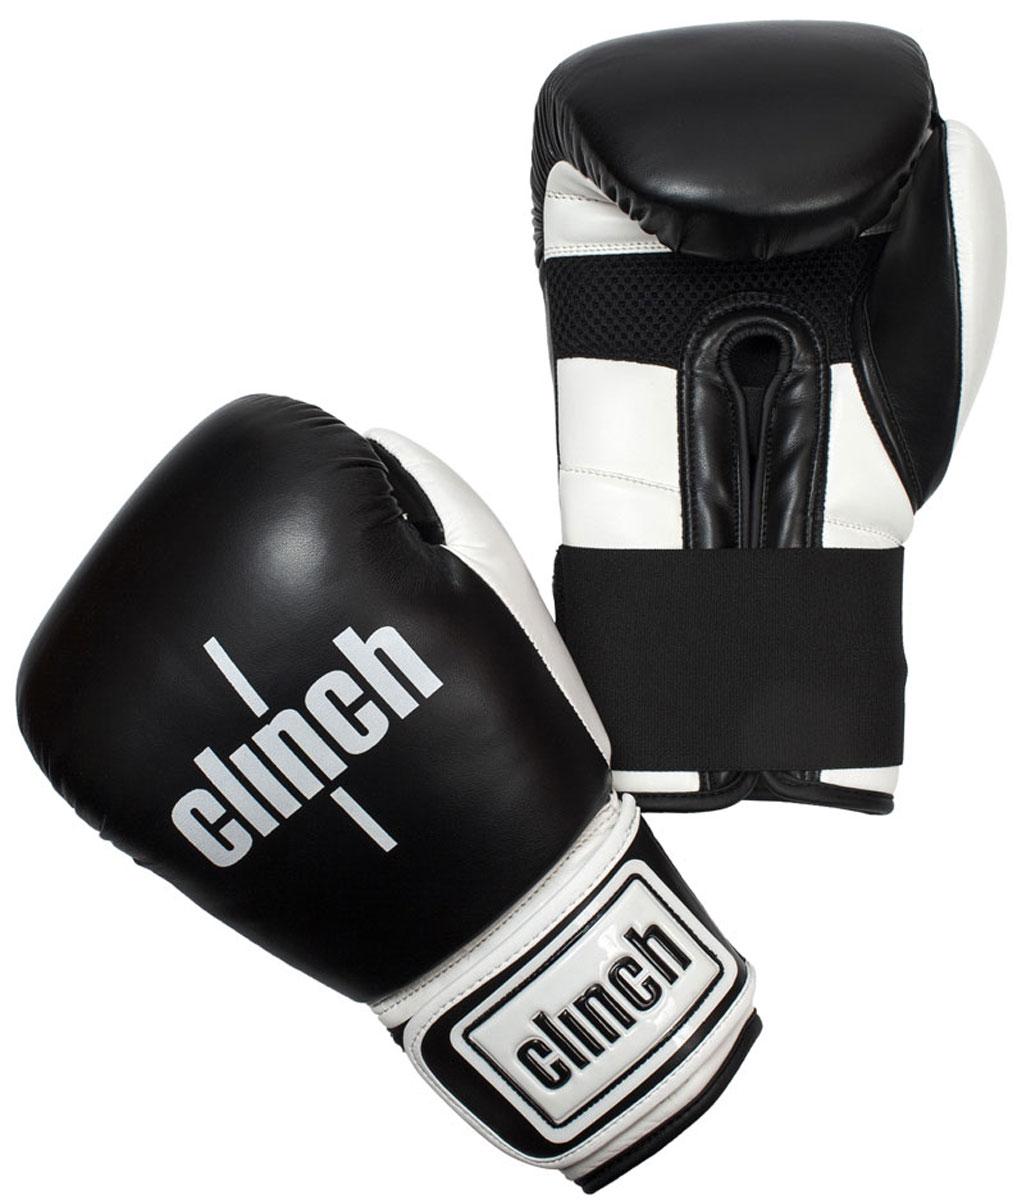 Перчатки боксерские Clinch Punch, цвет: черно-белый, 10 унций. C131C131Боксерские перчатки Punch. Изготовлены из высококачественного, прочного эластичного полиуретана. Многослойный пенный наполнитель обеспечивает улучшенную анатомическую посадку, комфорт и высокий уровень защиты. Широкая резинка позволяет оптимально фиксировать запястье.